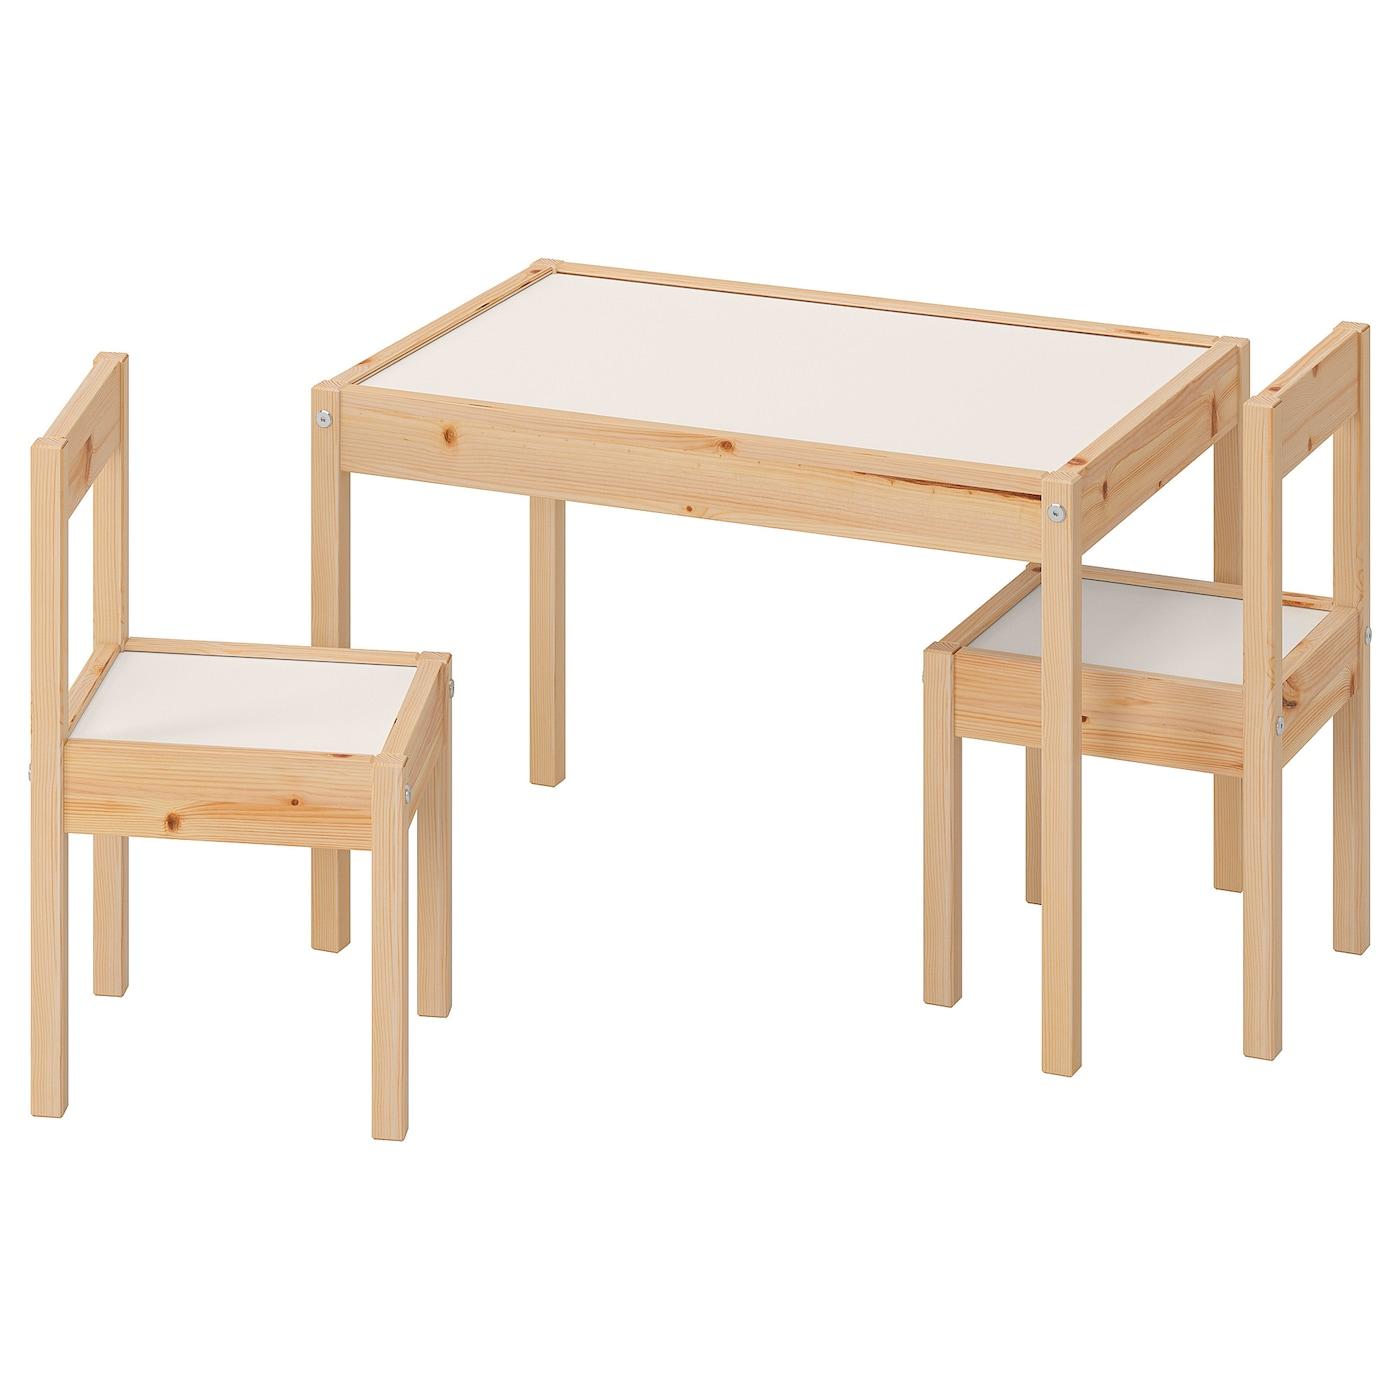 SUNDVIK Children/'s table Grey-brown or White 76x50 cm IKEA *Brand New*